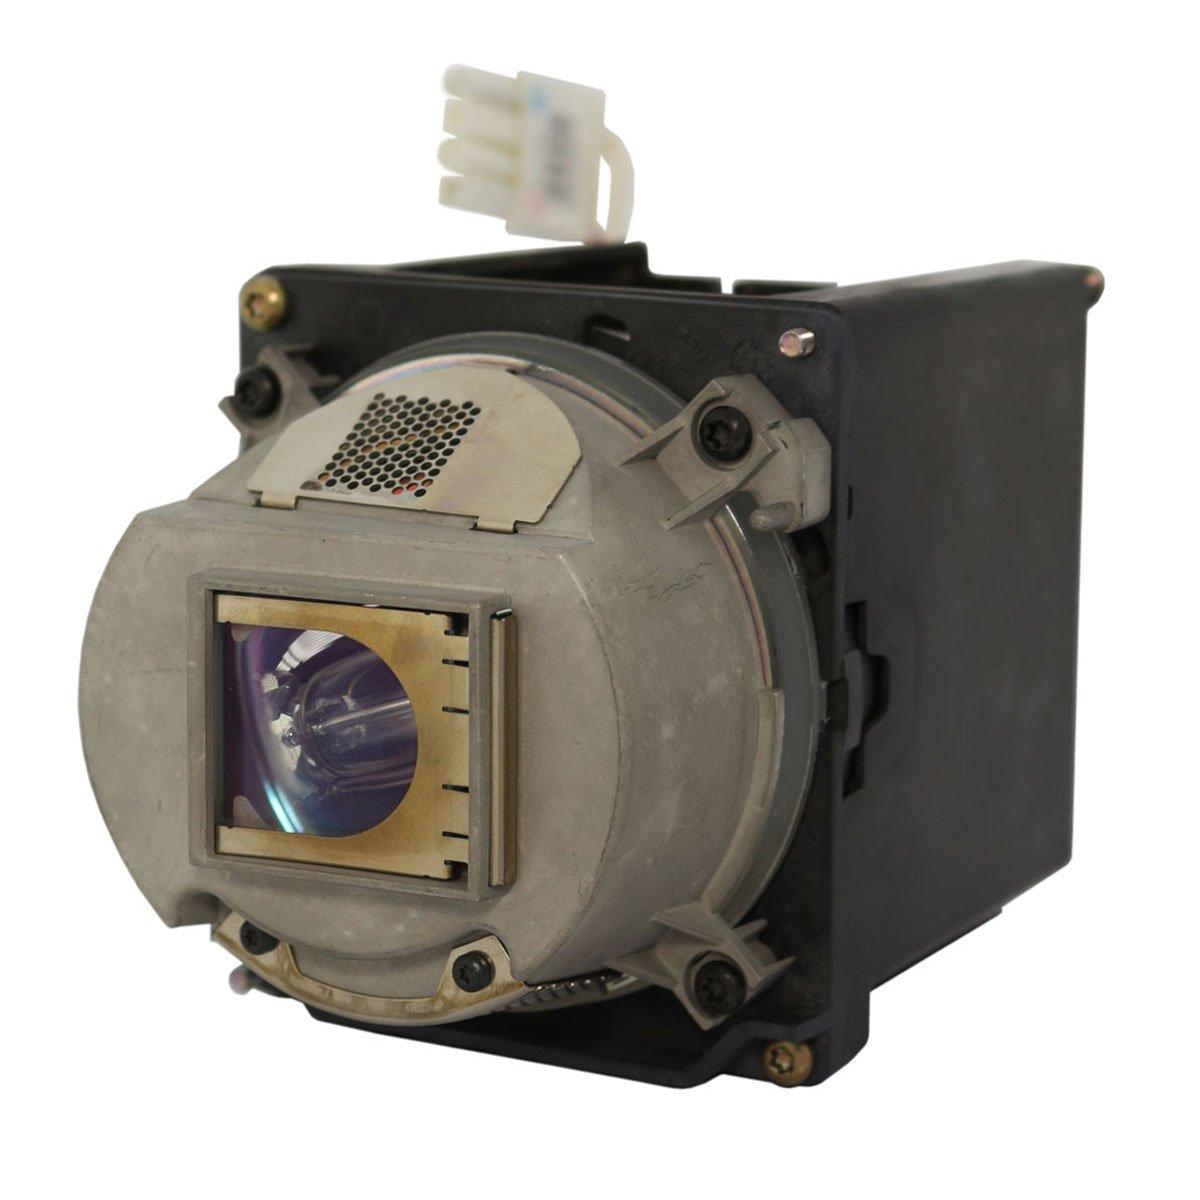 交換用プロジェクターランプ コンパック L1695A B00PB4OI44